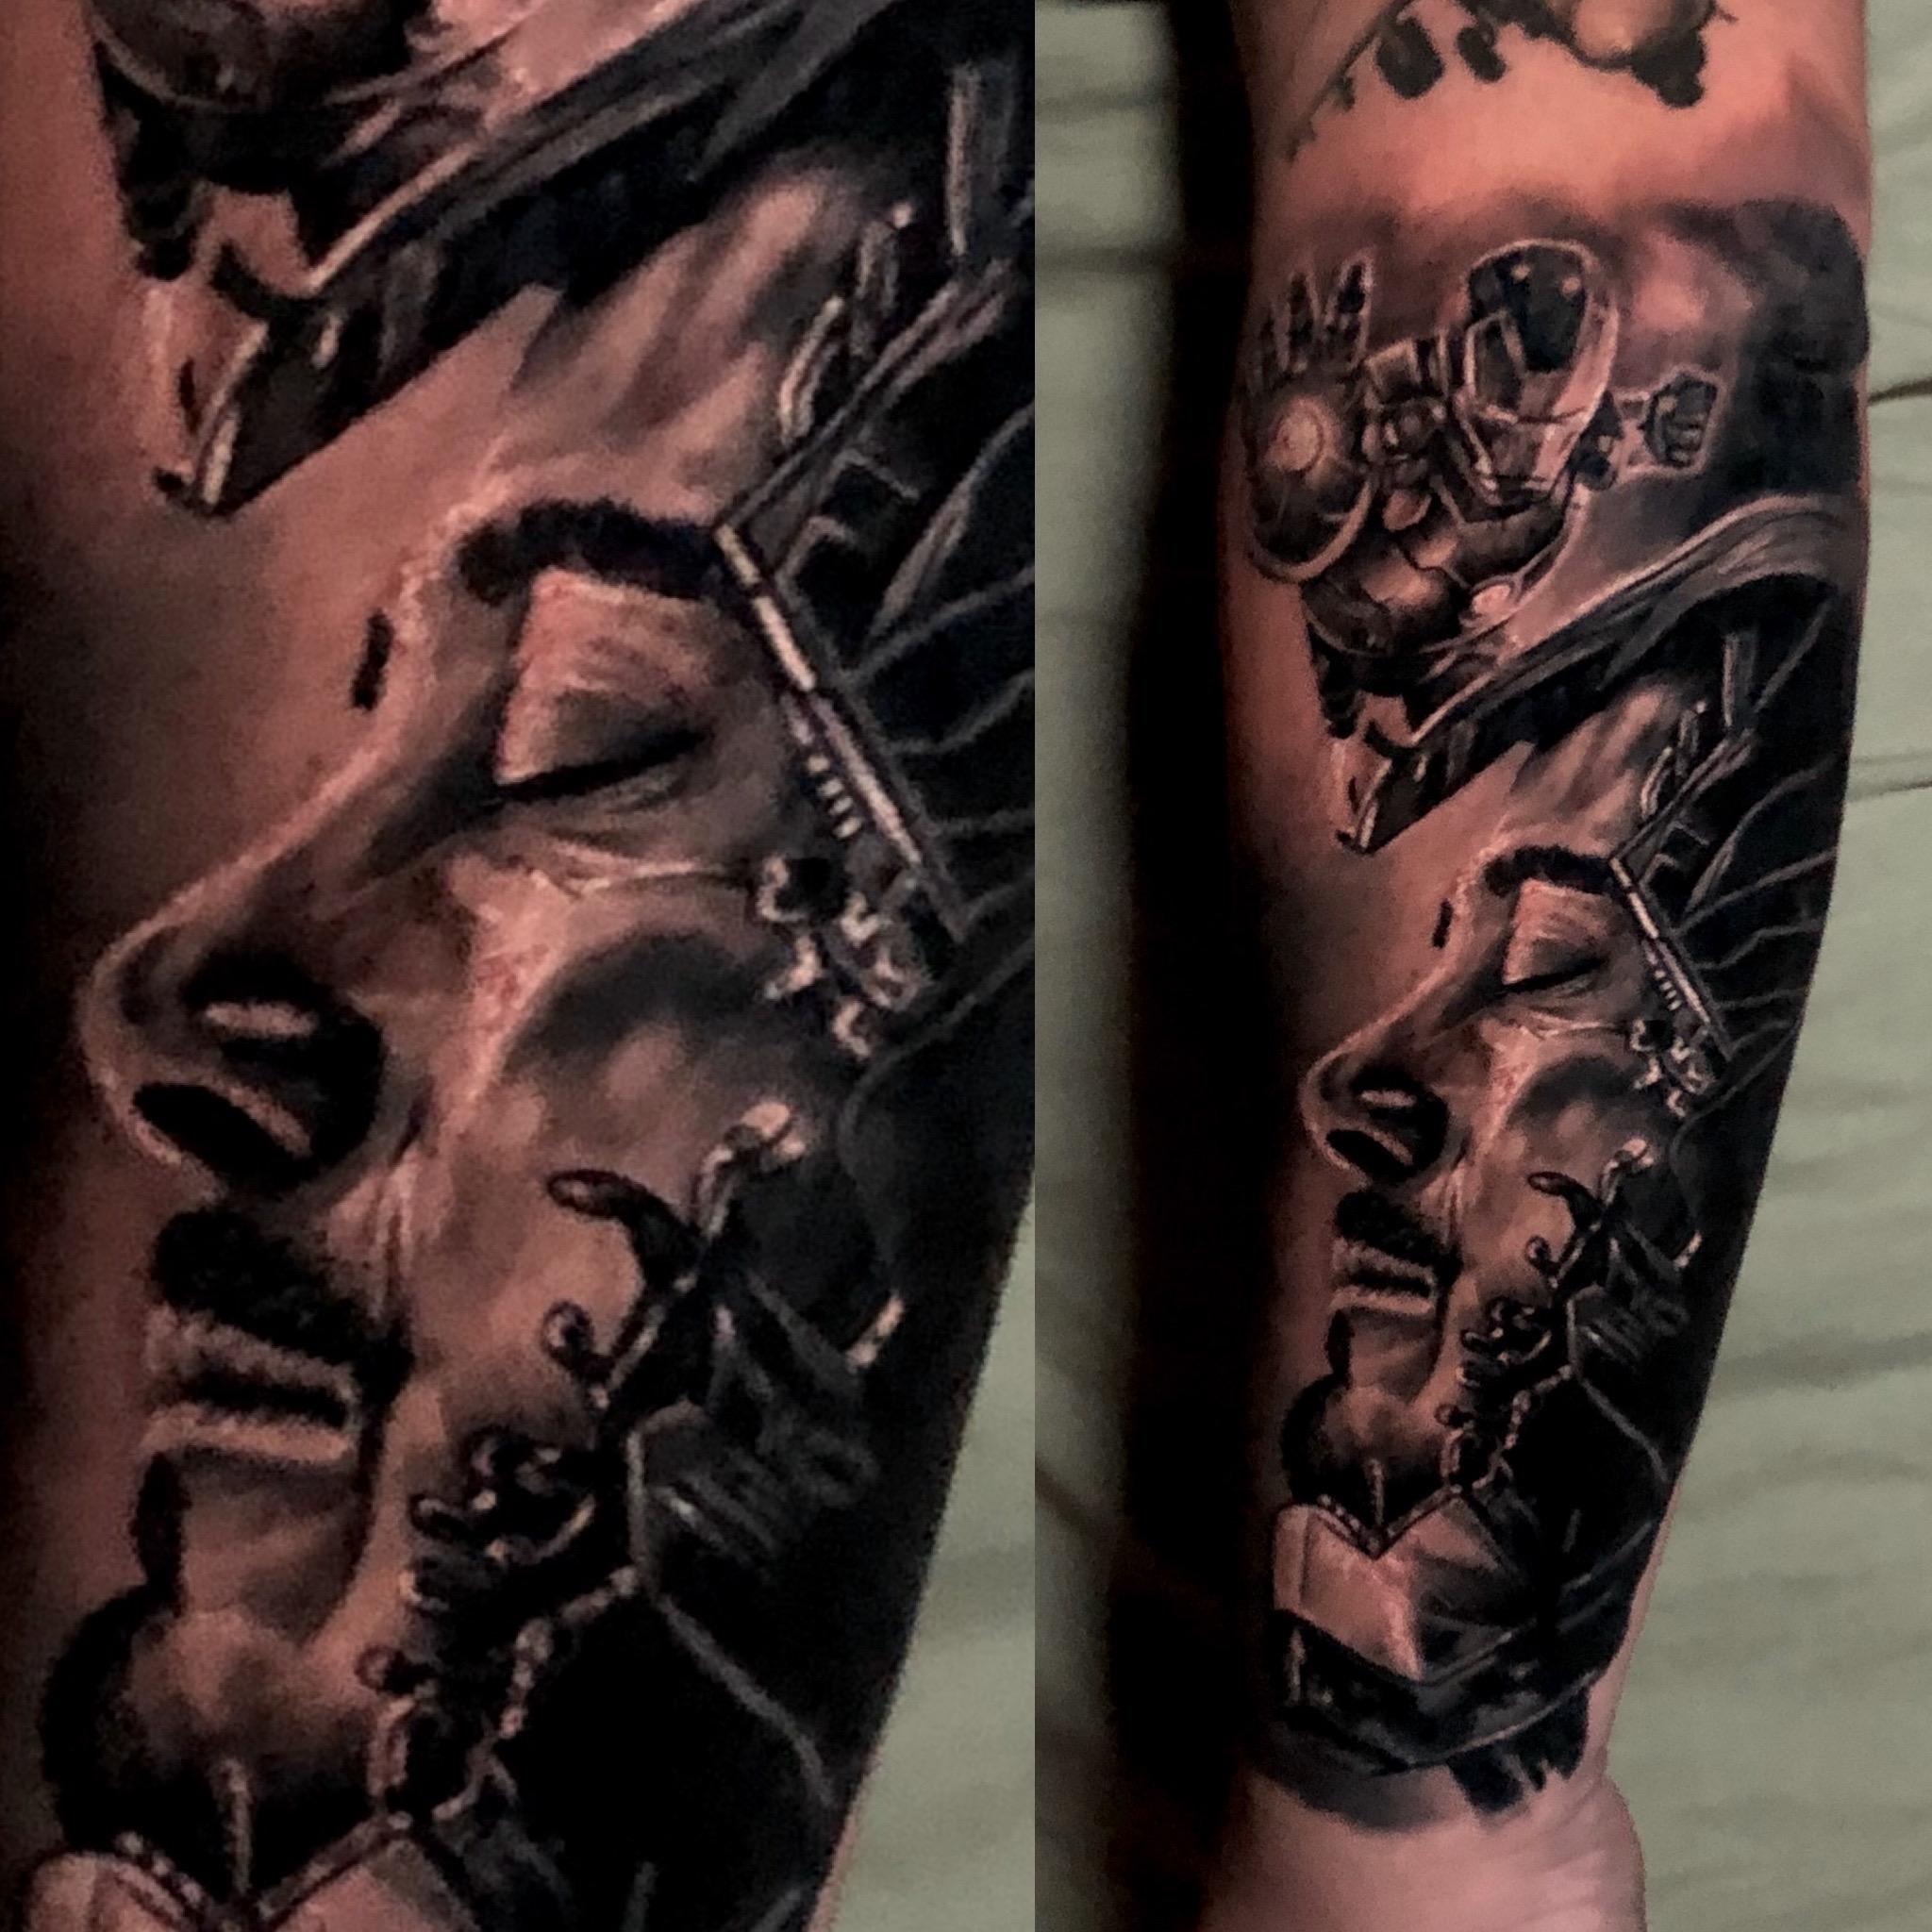 Inksearch tattoo Igor Lubecki (Lubetzky)